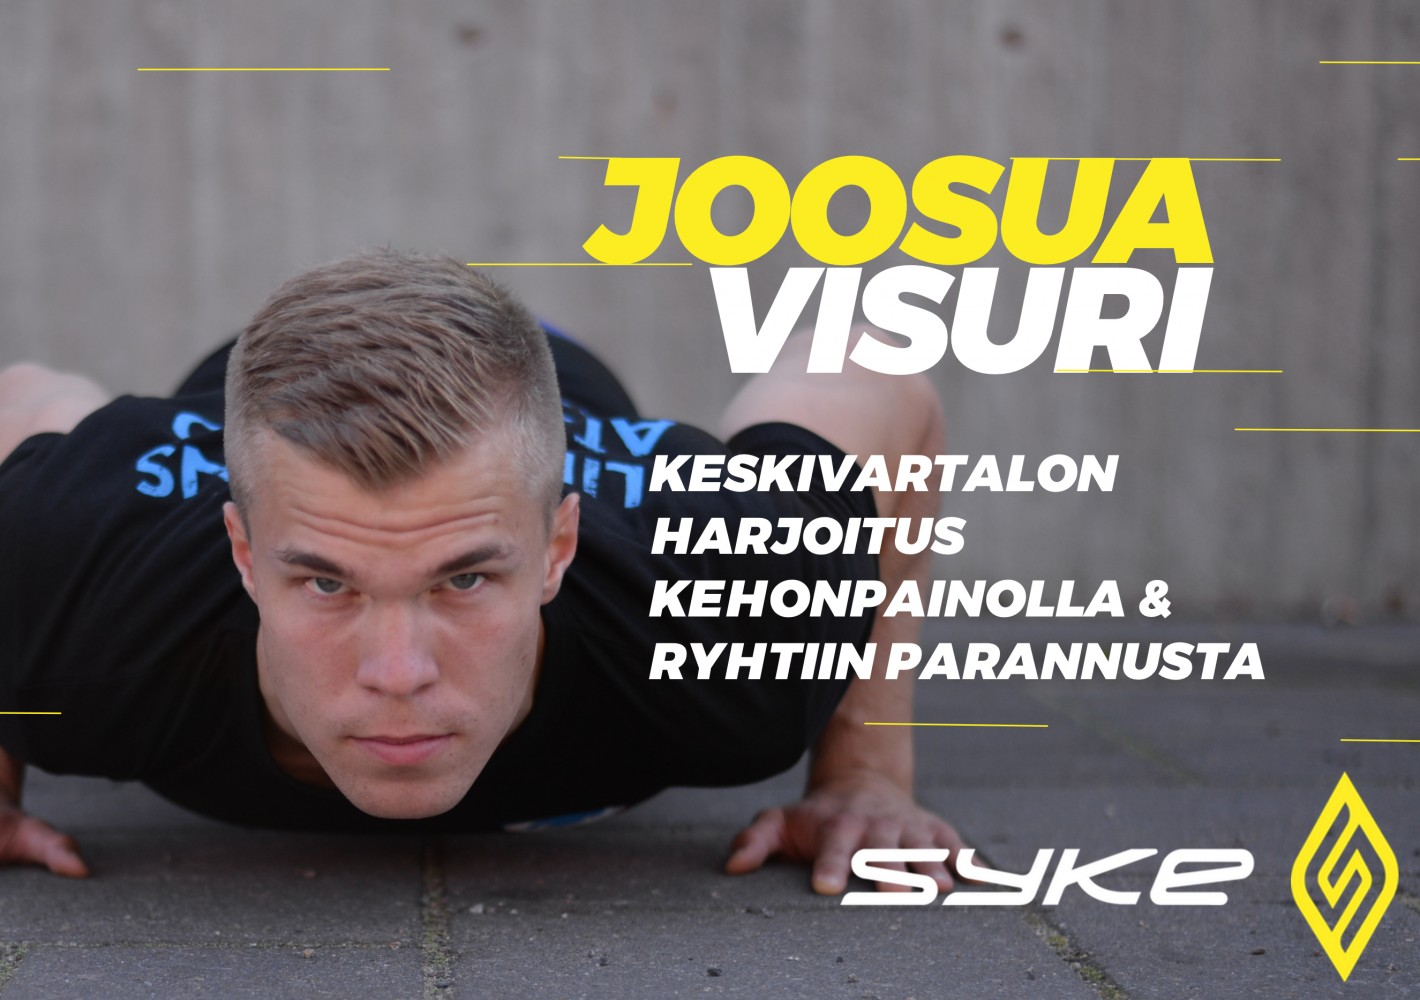 Keskivartalon harjoitus kehonpainolla - Ryhtiin parannusta by Joosua Visuri